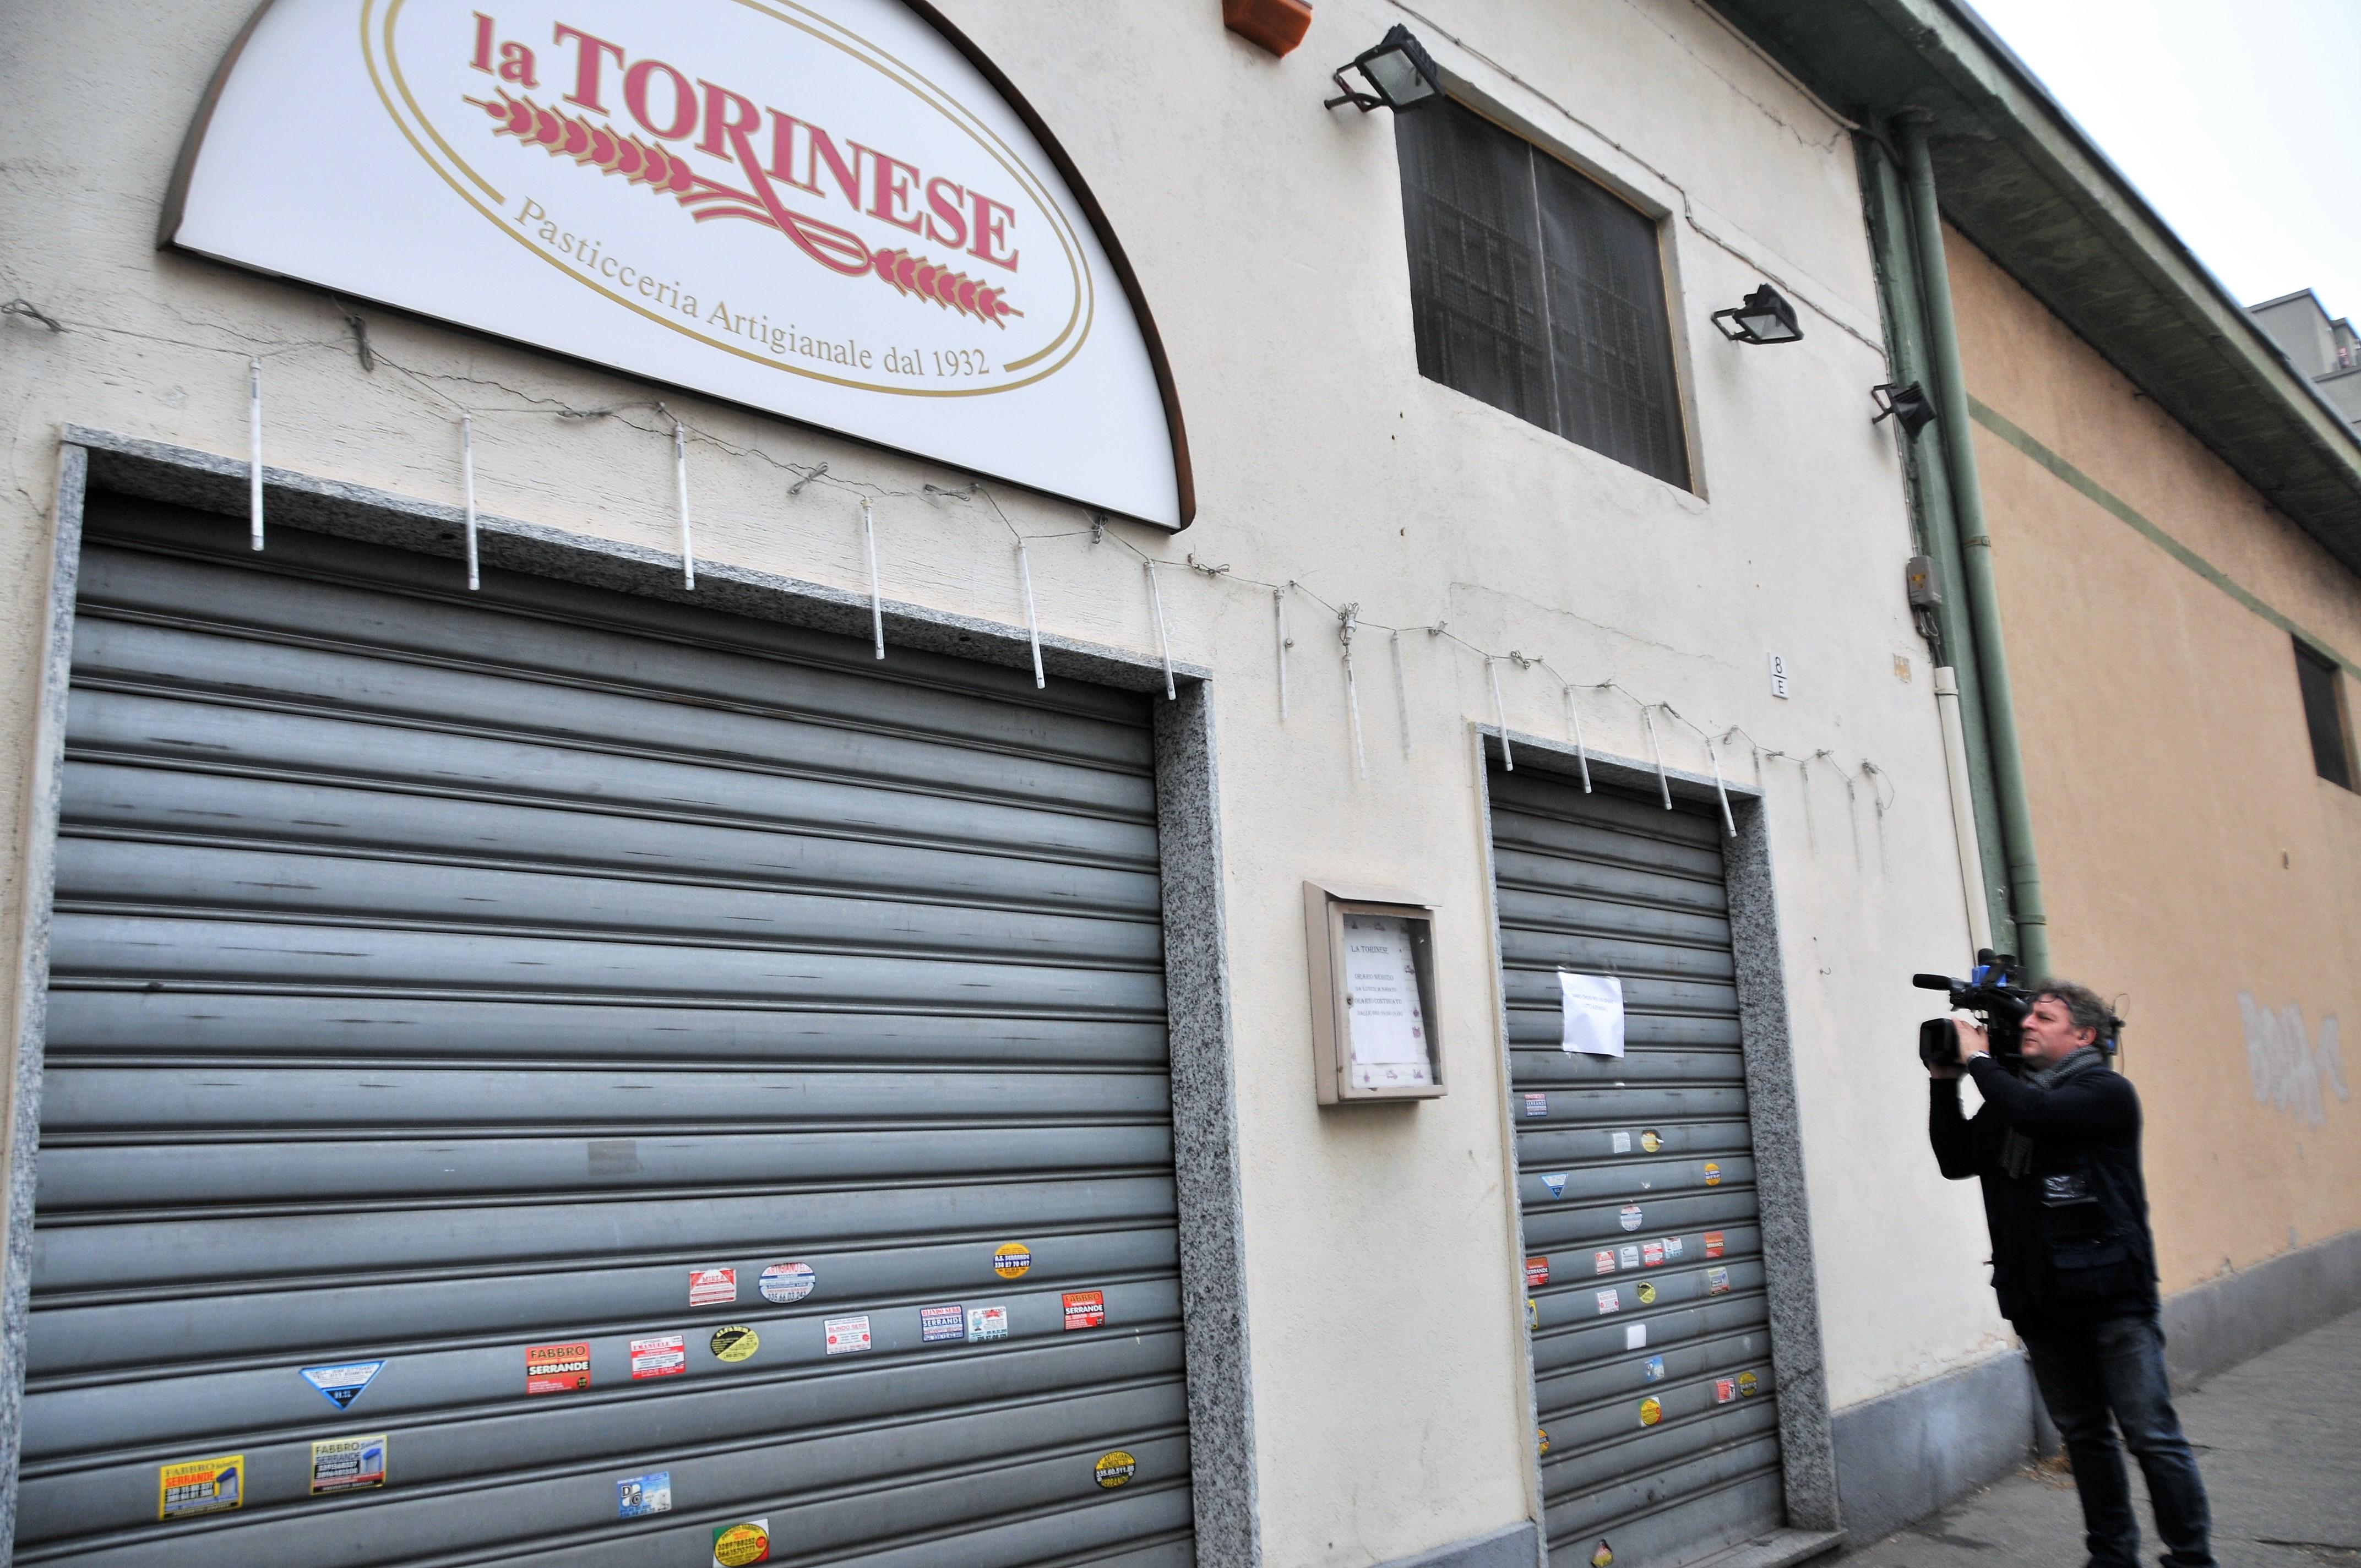 Operaio di 23 anni muore a Torino in azienda di panettoni